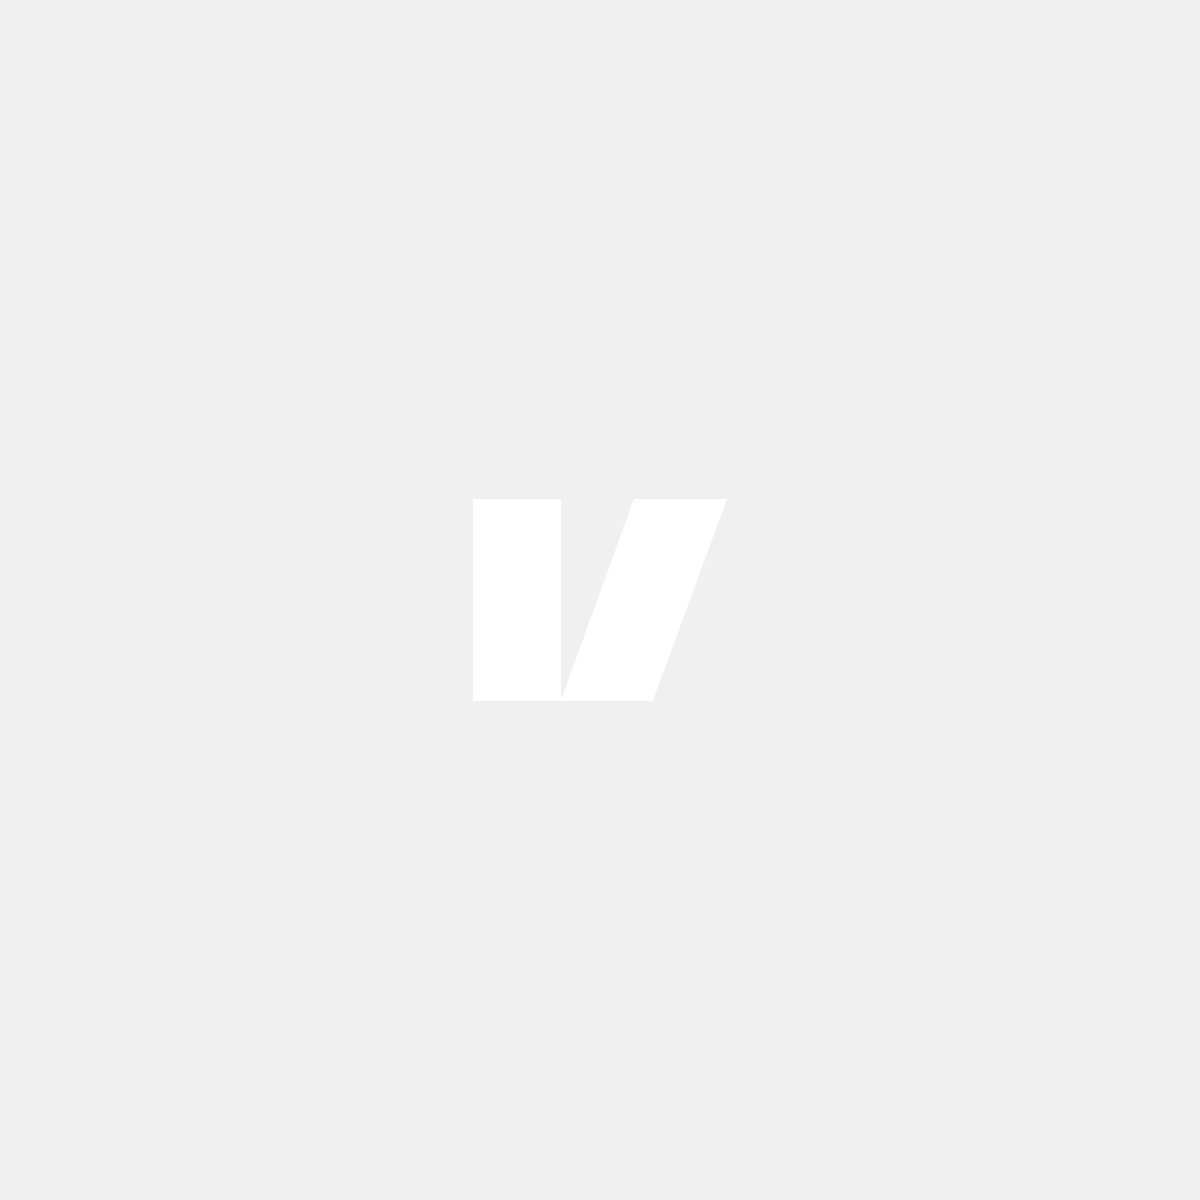 Facelift strålkastare till Volvo S60, V70n XC70 05-